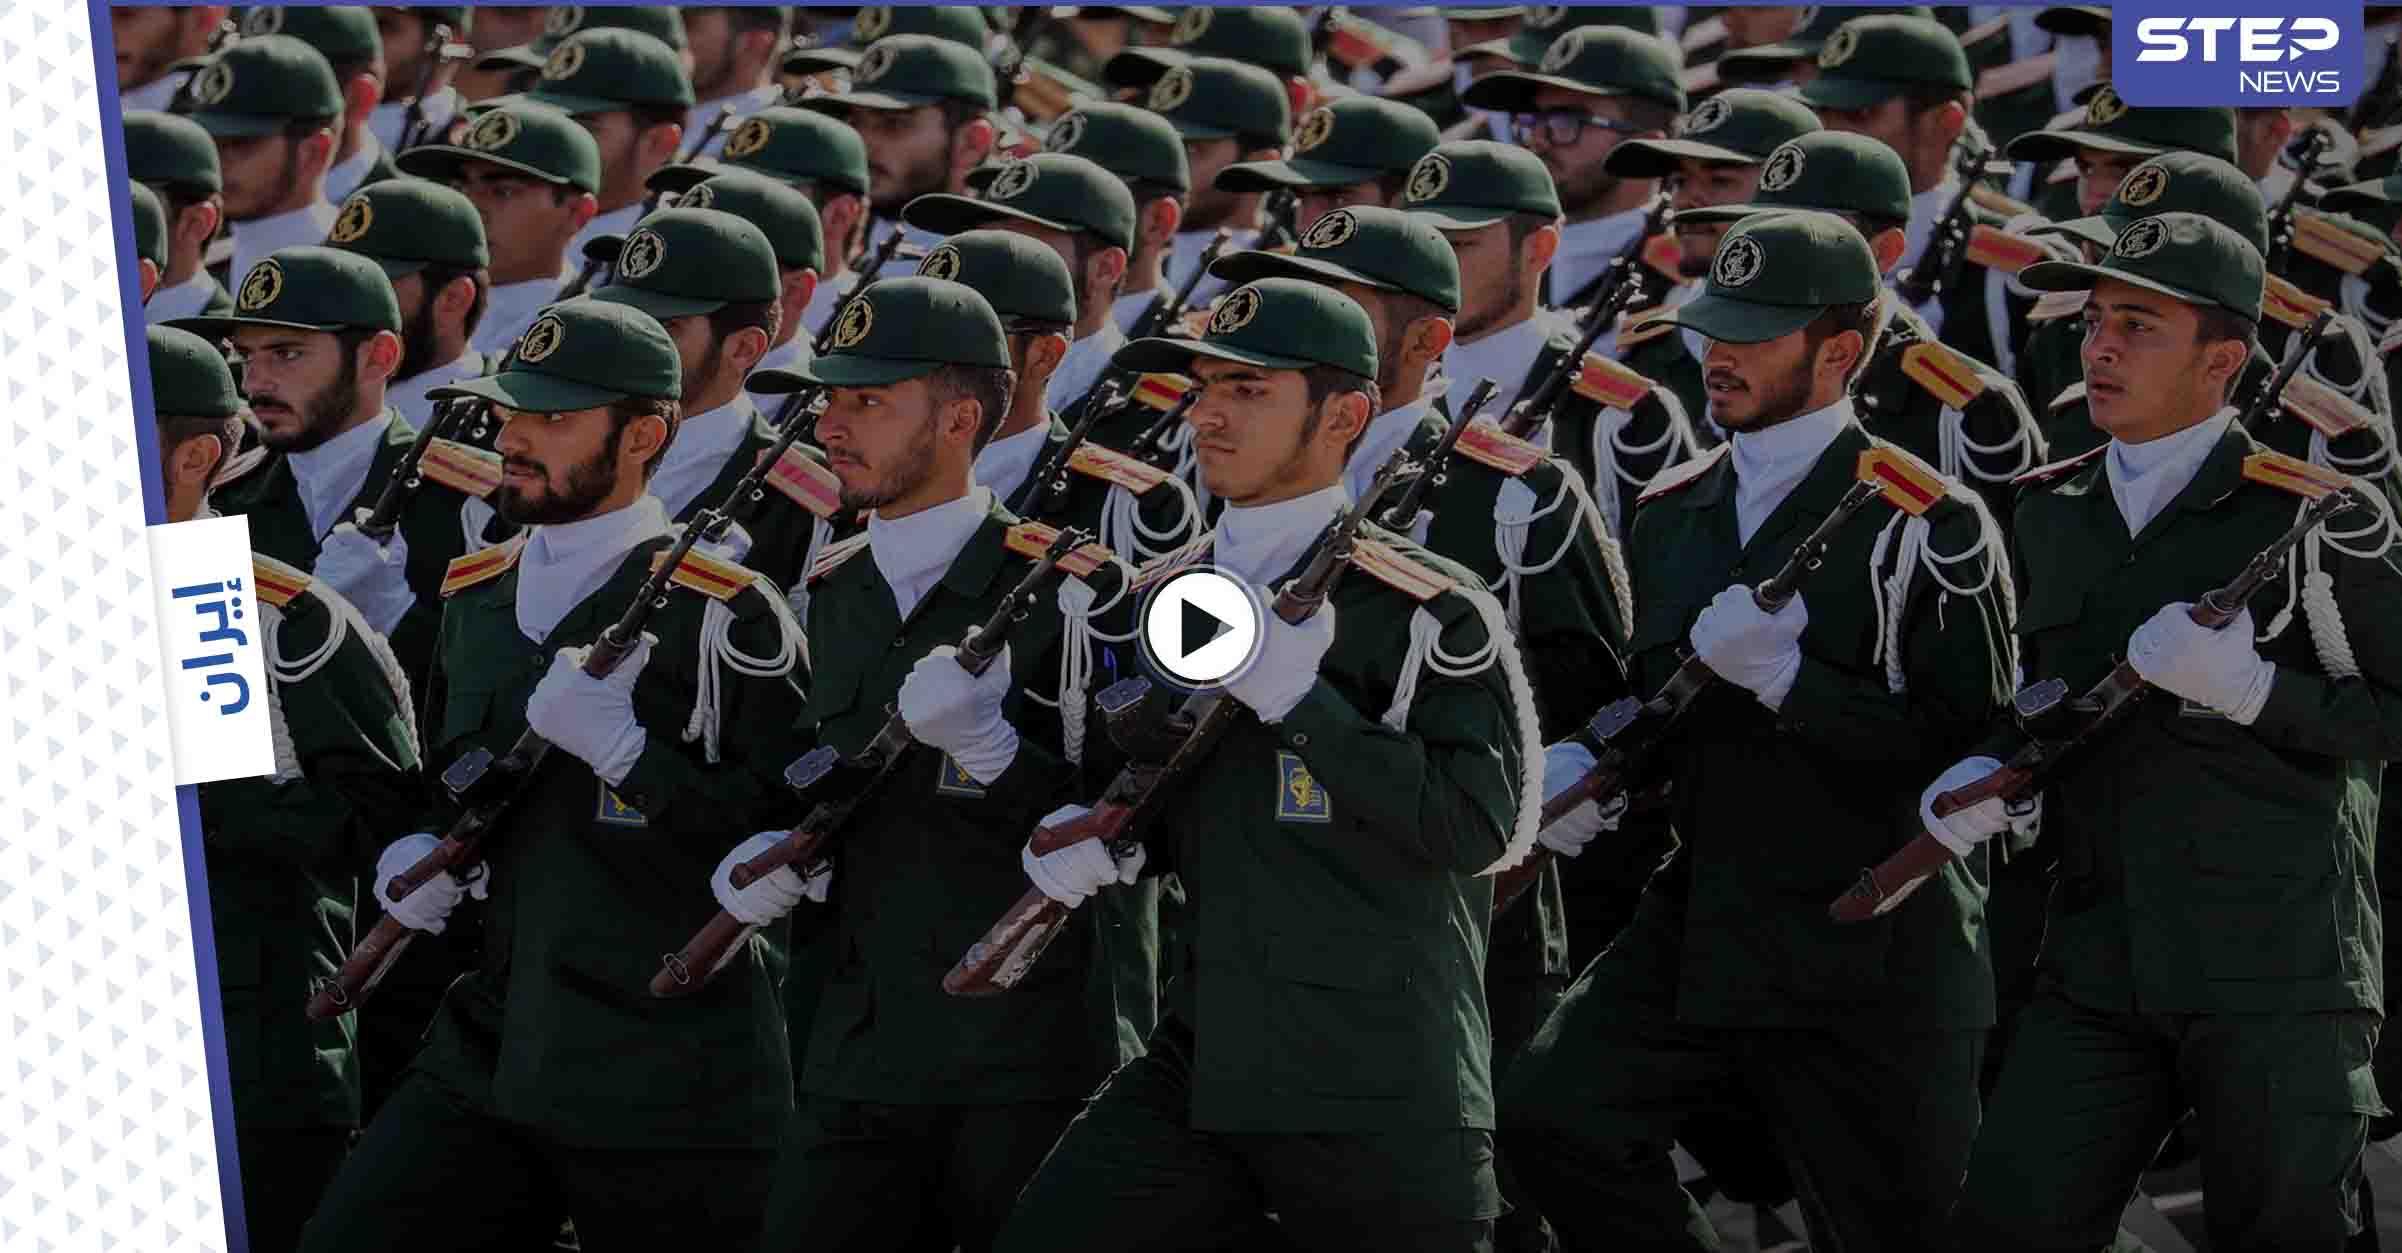 بالفيديو|| الحرس الثوري يهدد أمريكا وإسرائيل بمشهد تمثيلي وقاآني يصف ظريف باللئيم